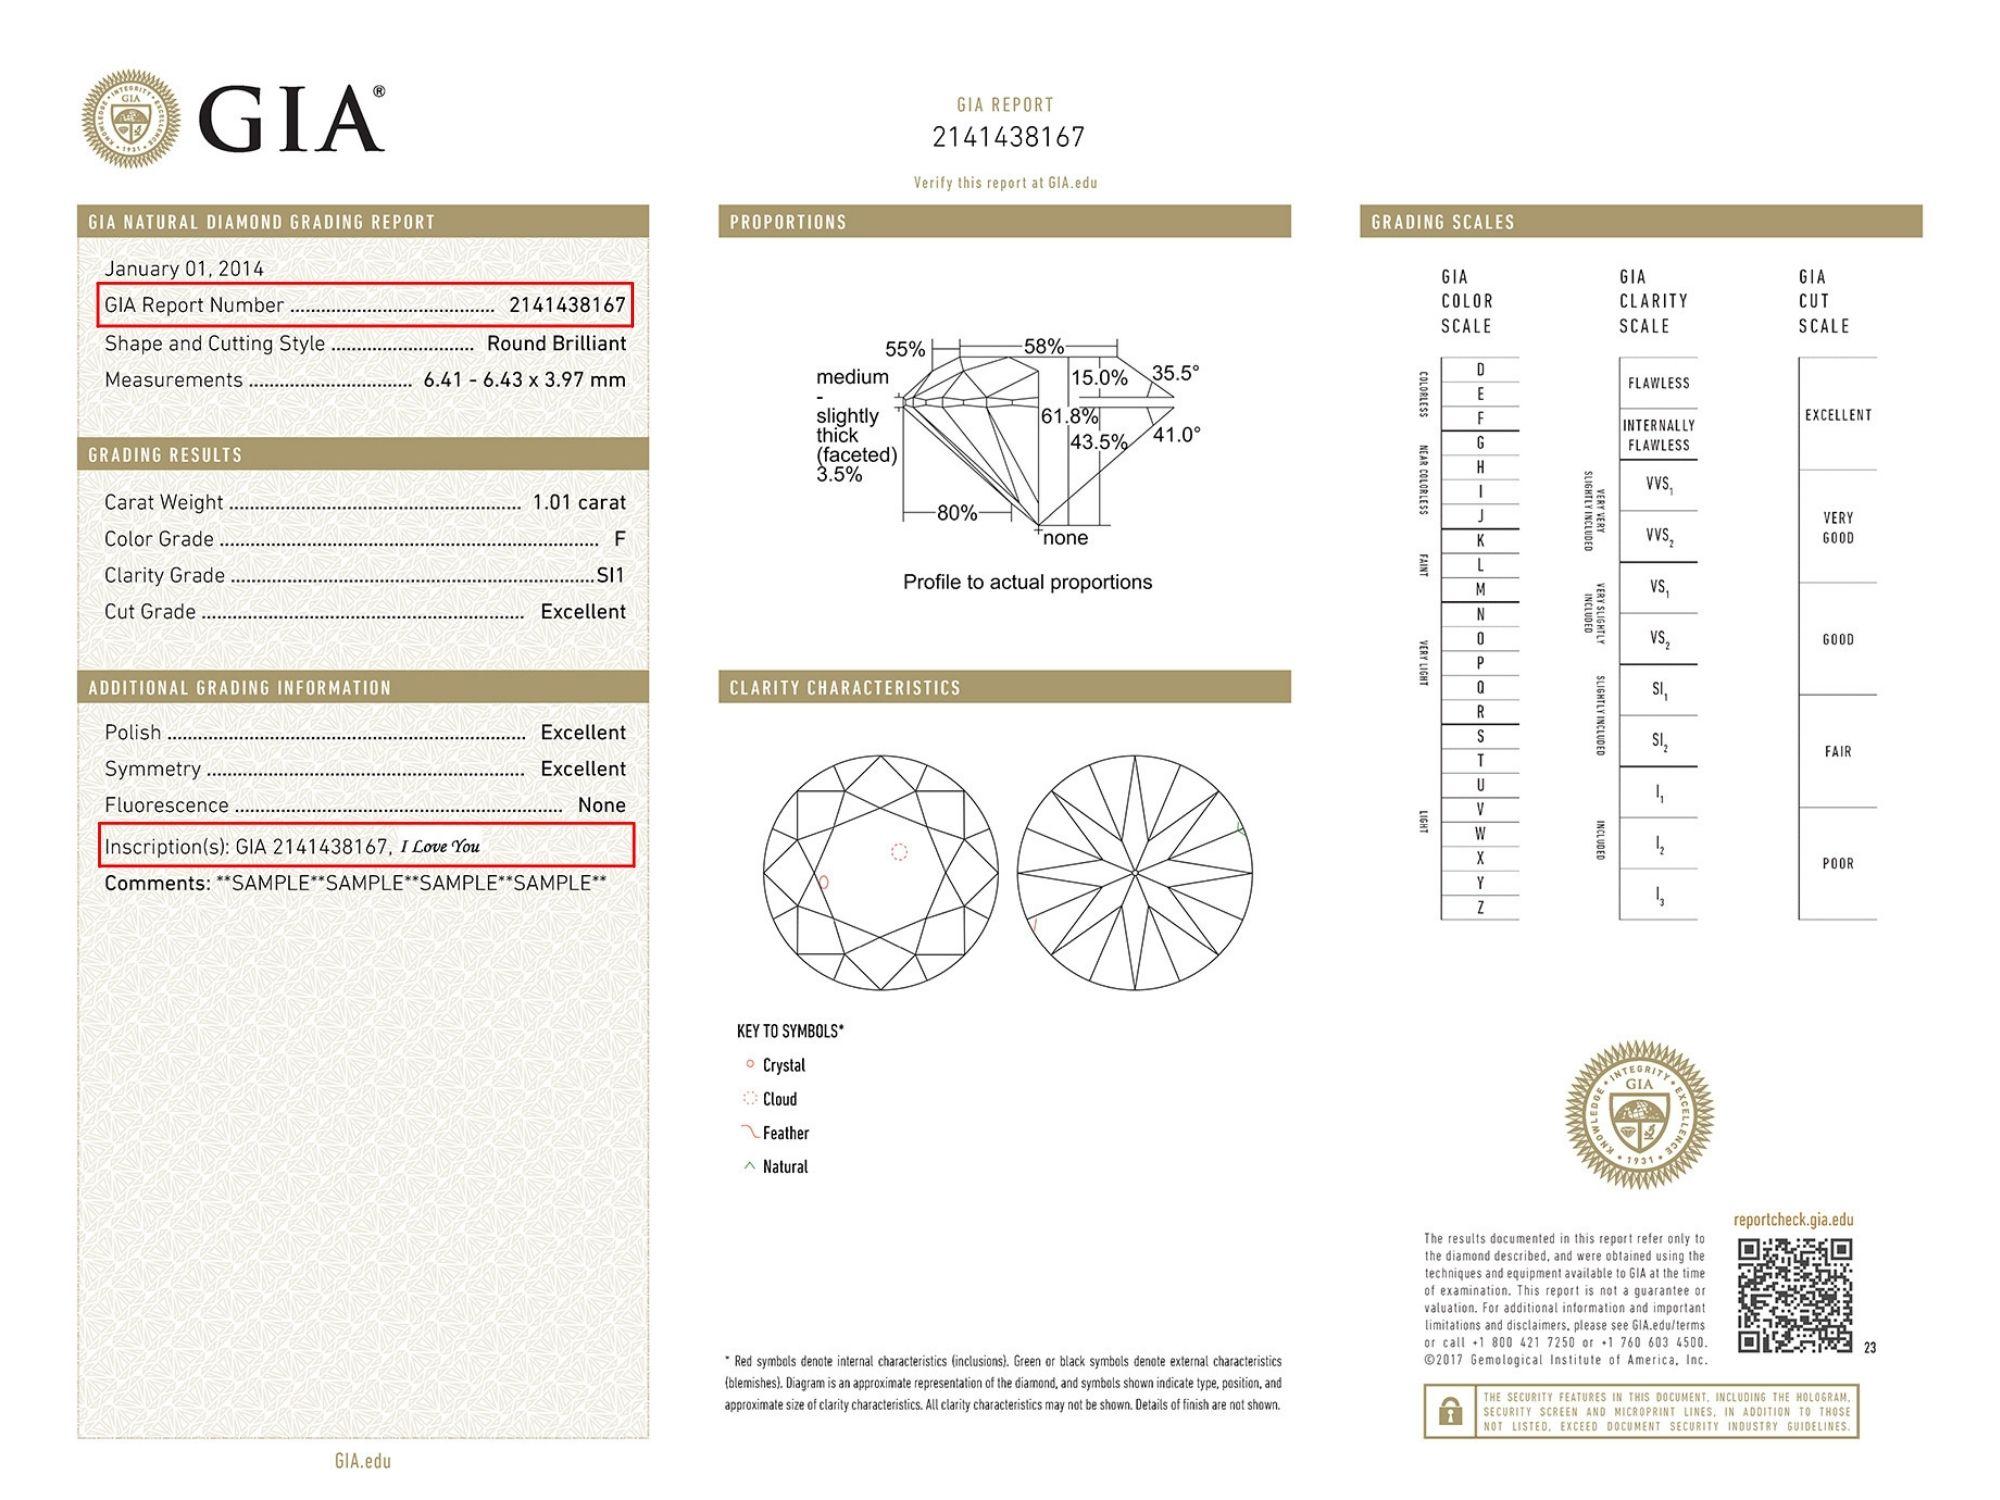 Diamond Laser Inscription In A Grading Report